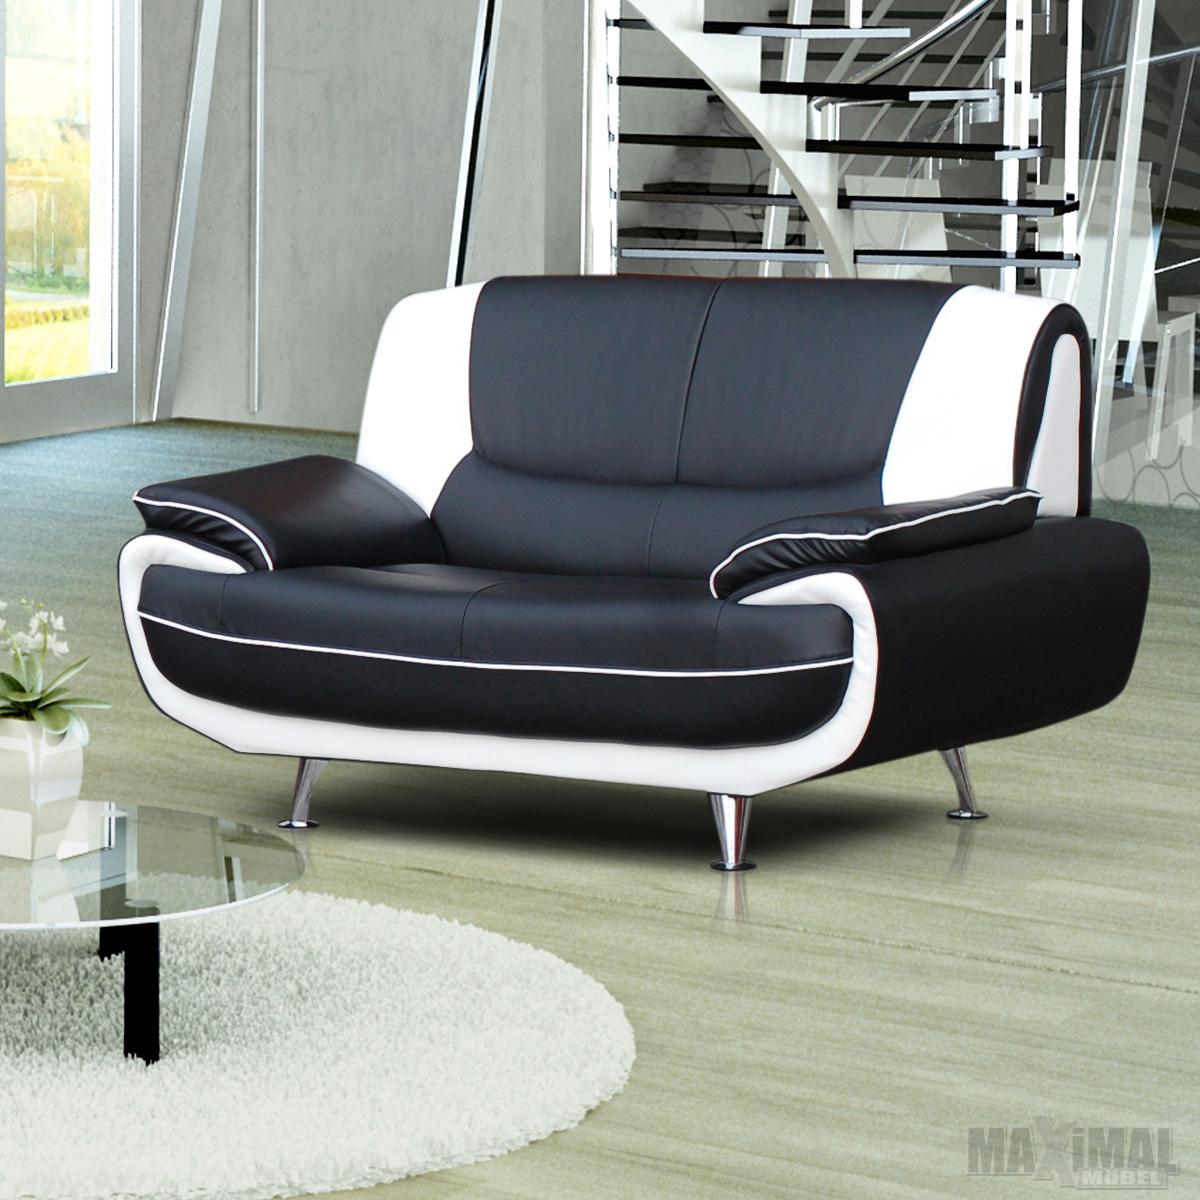 kuhle dekoration mobel landhausstil grau, couch grau wei. couch grau full size of sofas wei sofa zweisitzer, Innenarchitektur